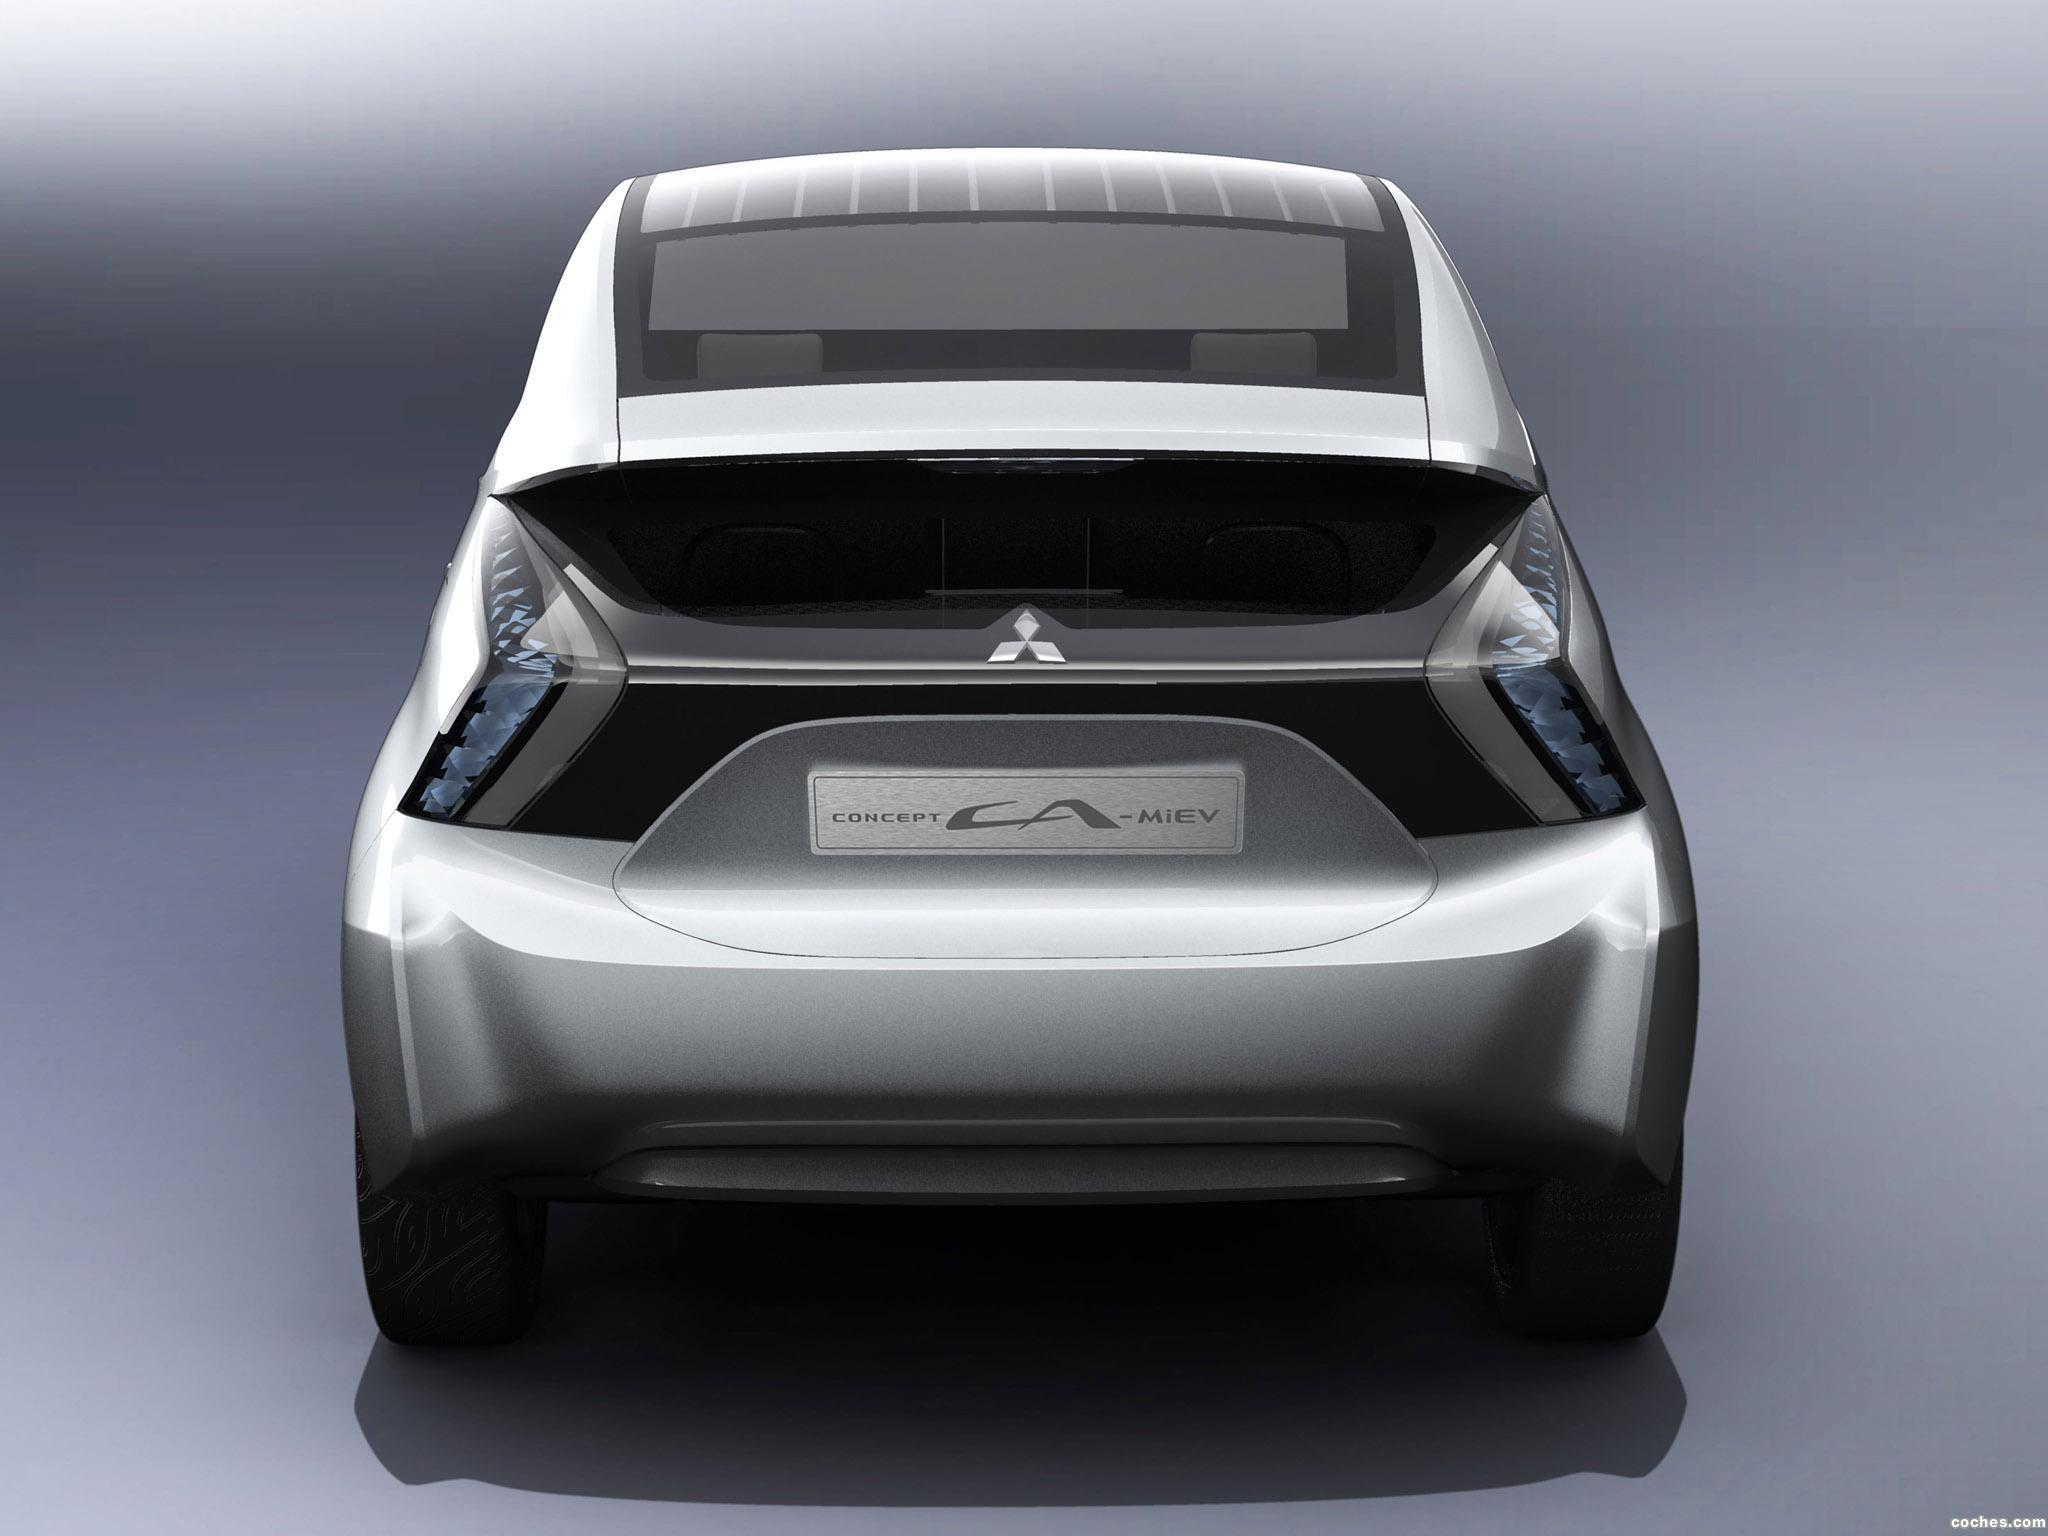 Foto 1 de Mitsubishi CA-MiEV Concept 2013